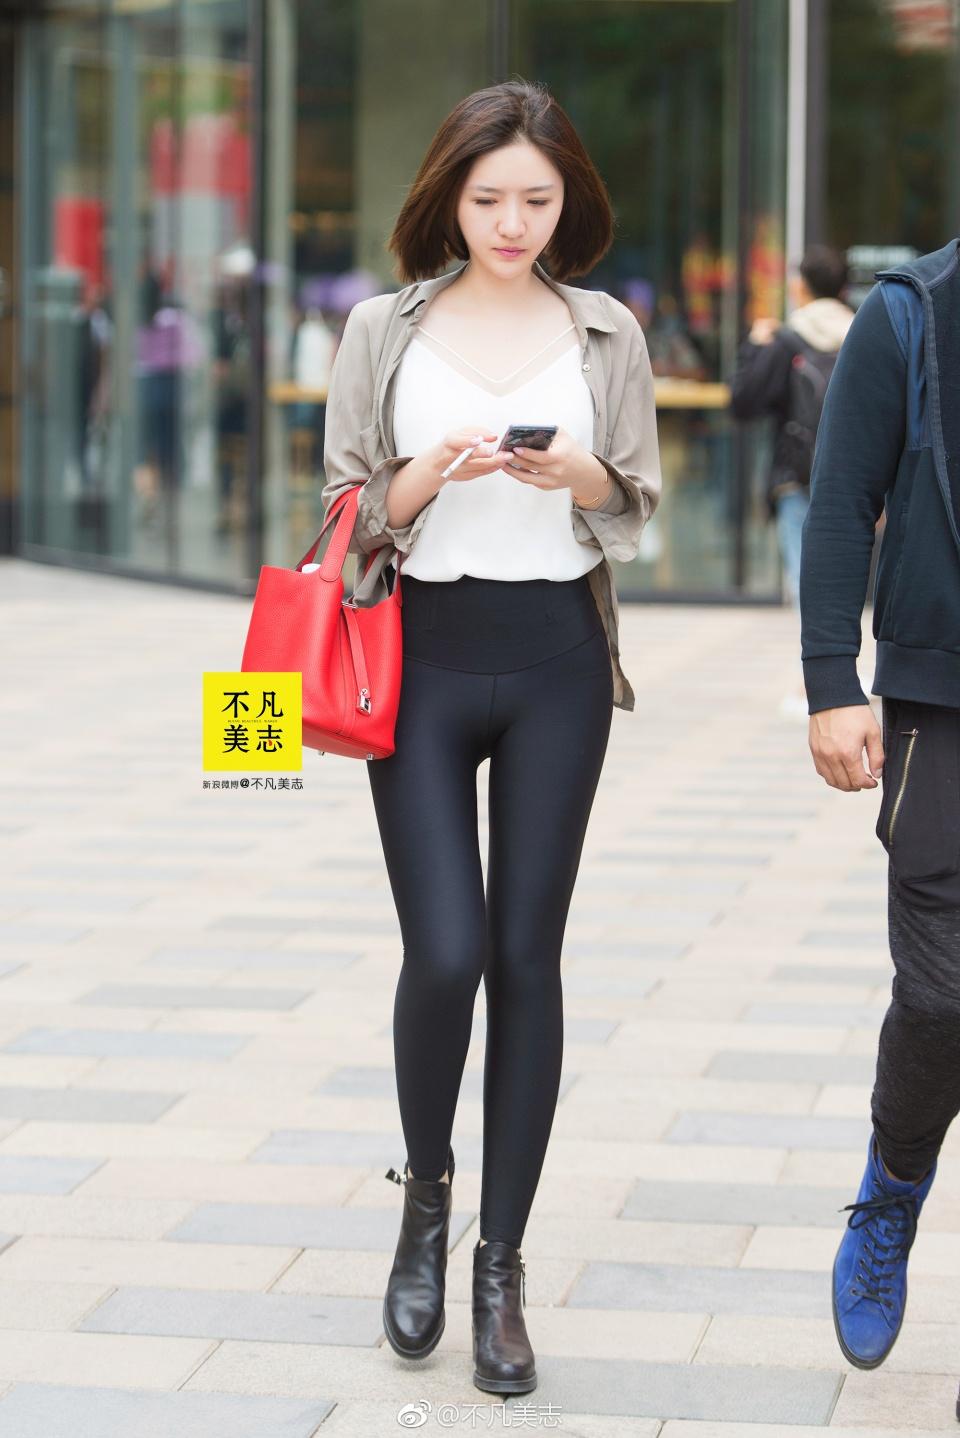 街拍:小姐姐穿黑色紧身裤出街,这样的清纯美女太养眼了